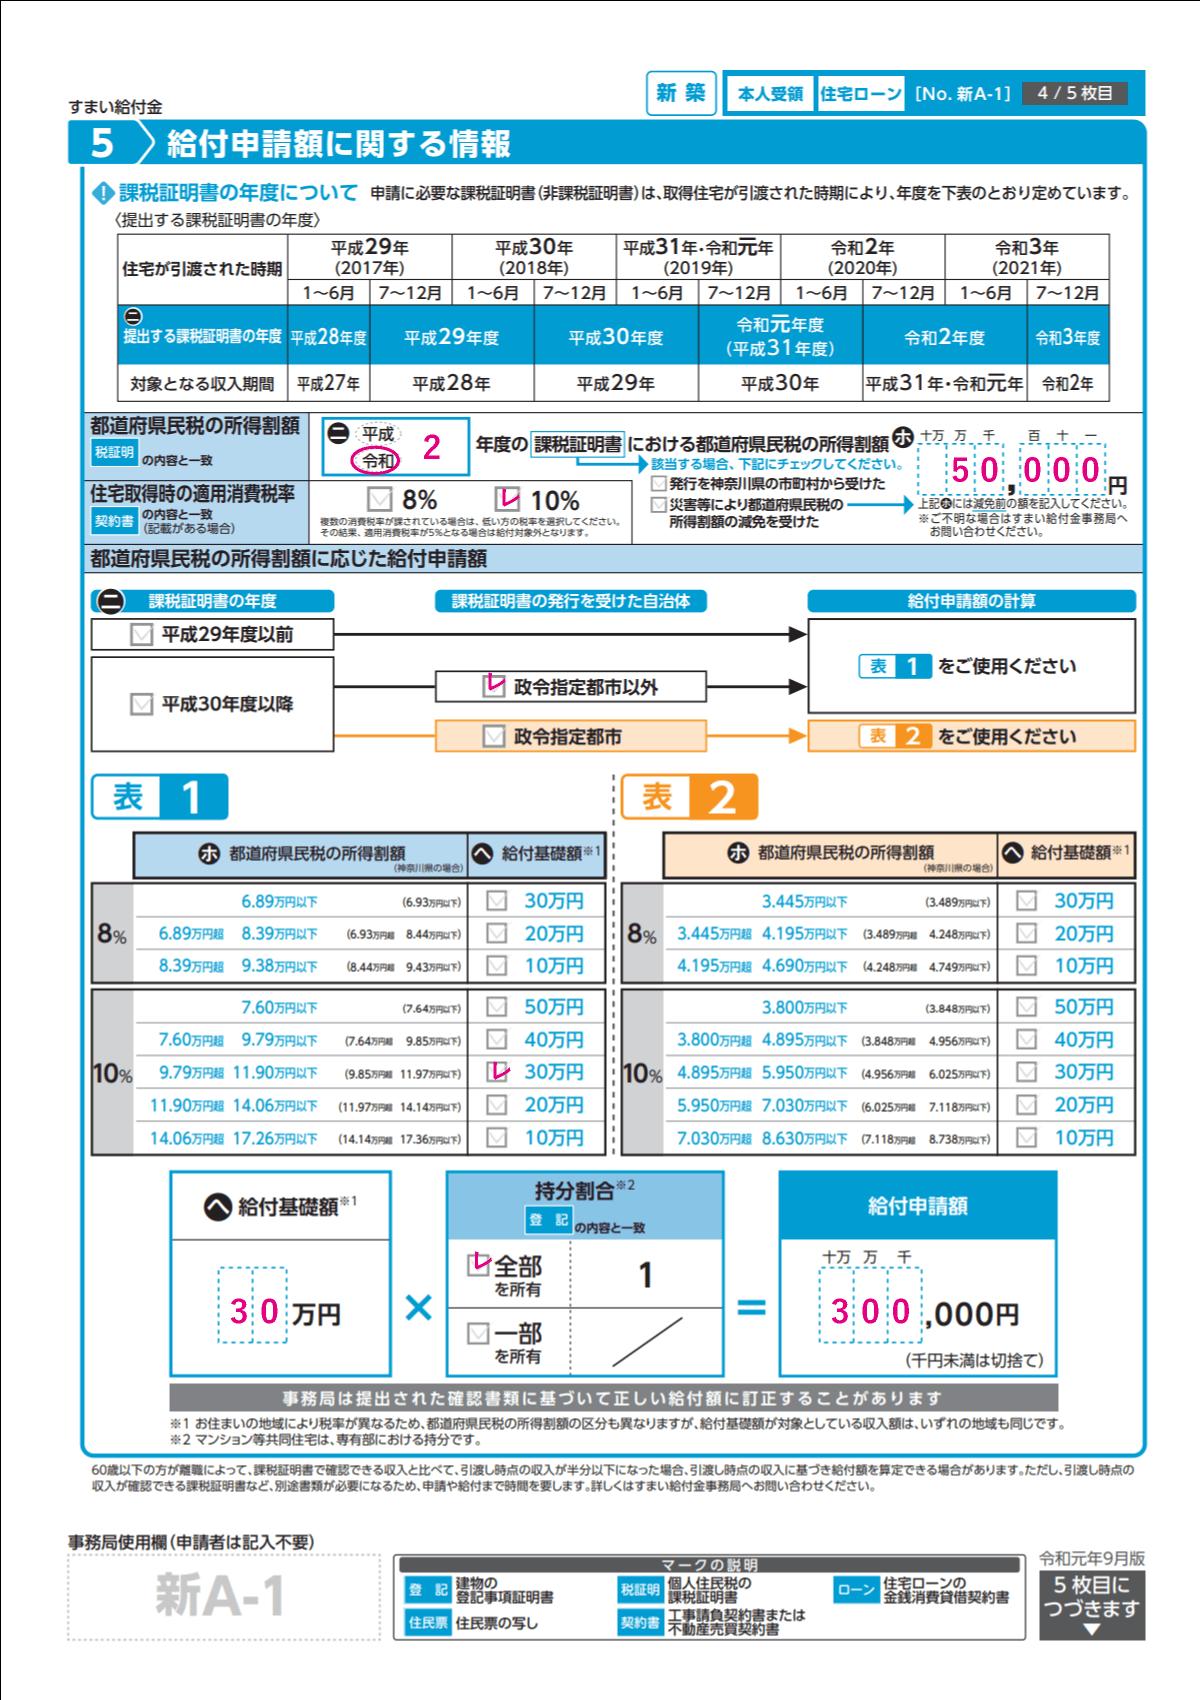 すまい給付金給付申請書の記入例の見本③